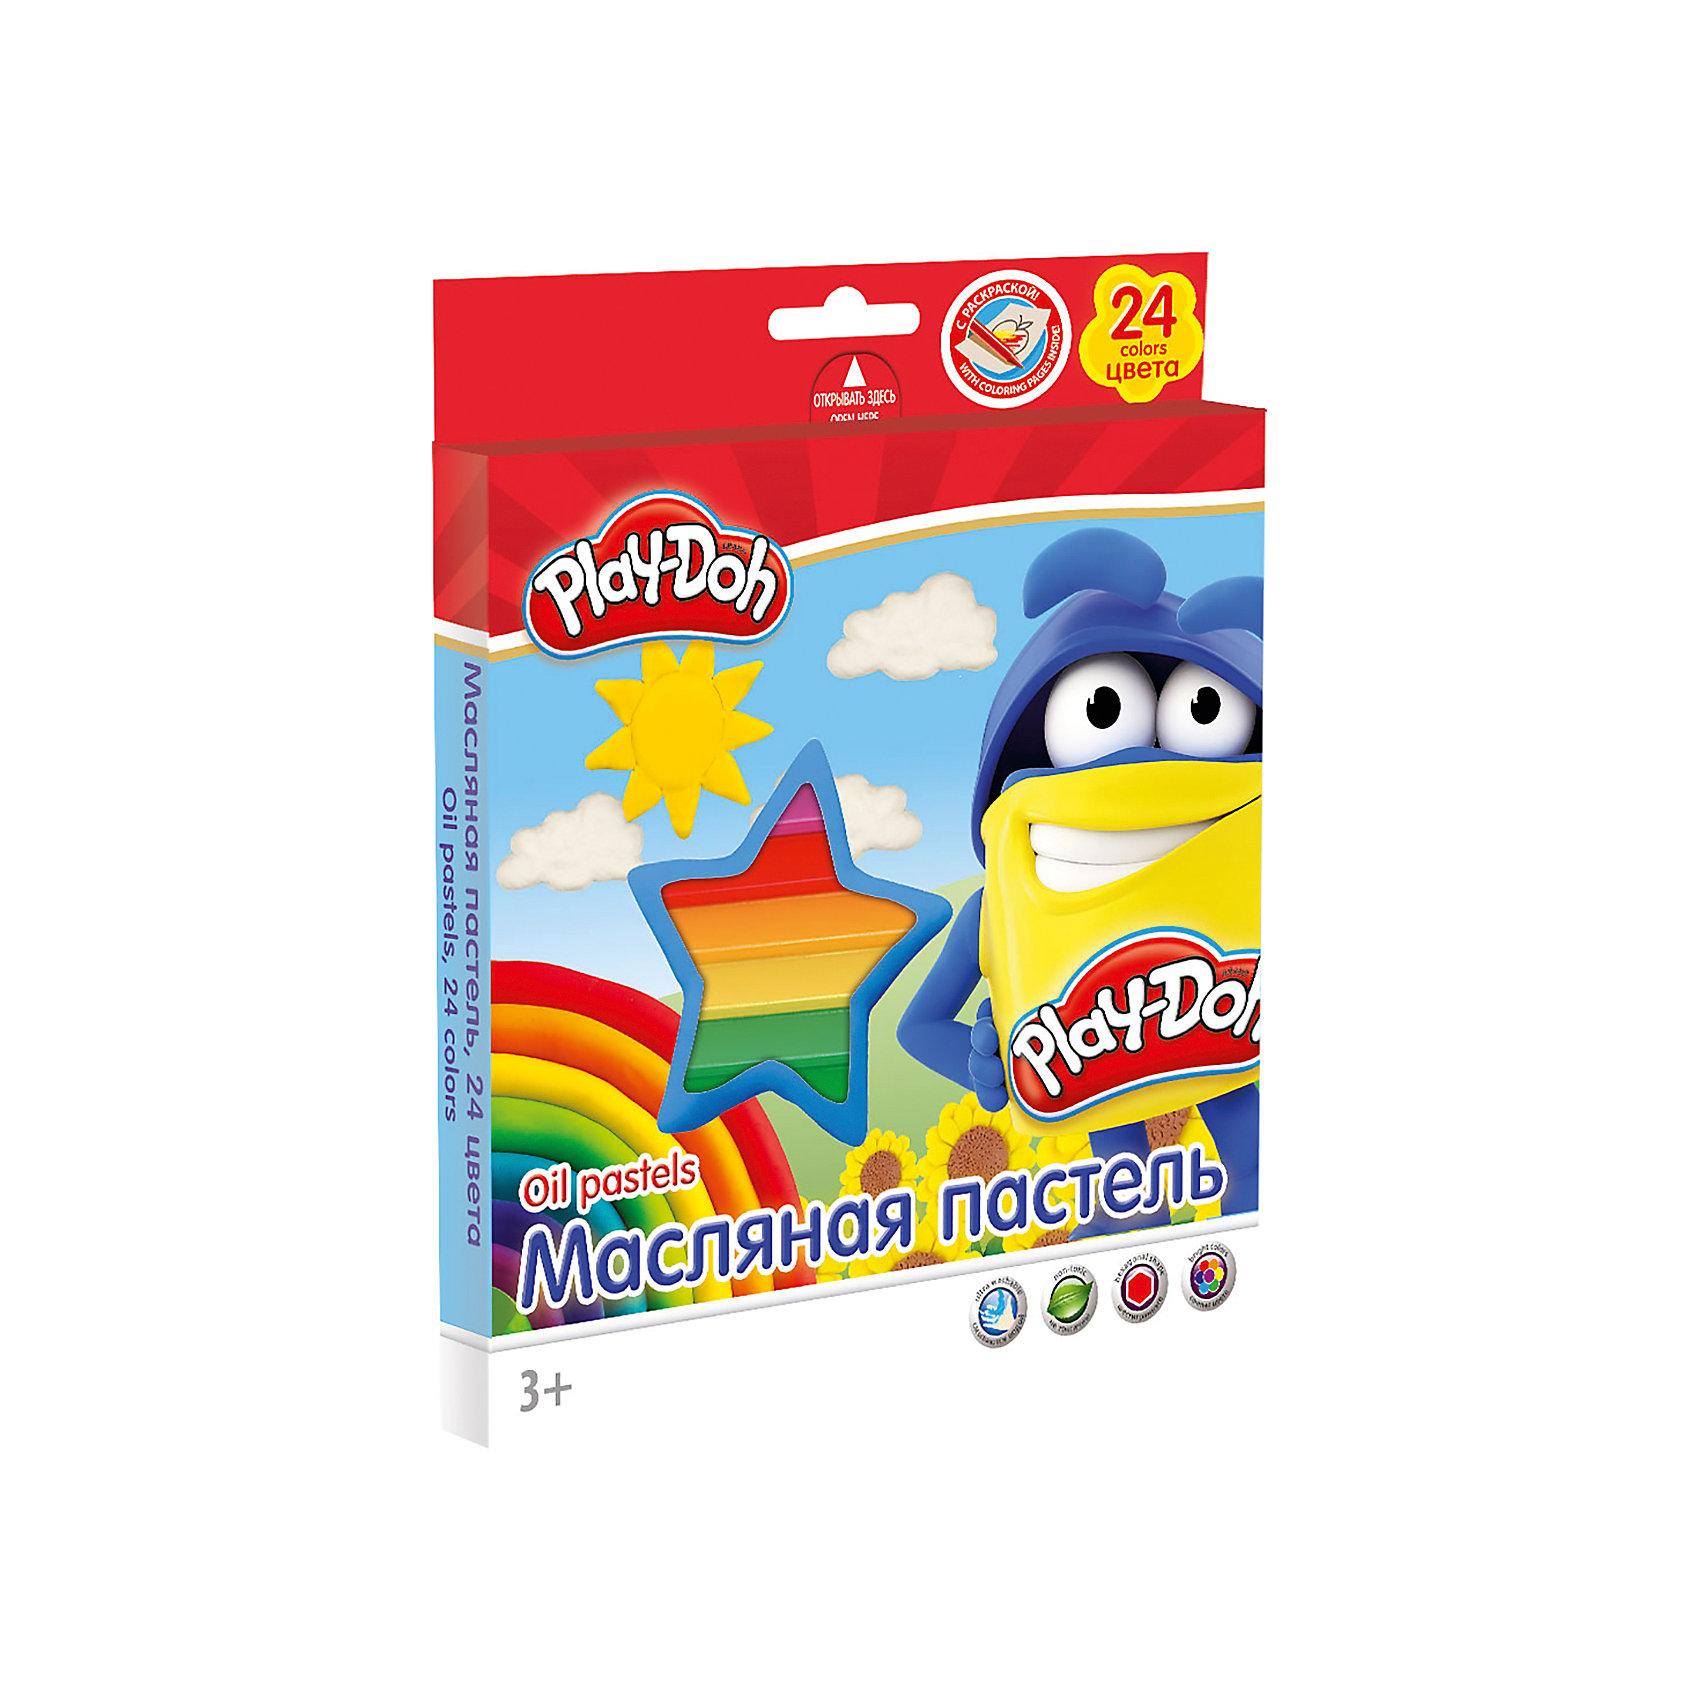 Масляная пастель (24 цвета) с раскрасками (2 шт), Play-DohРисование<br>Масляная пастель  24 цв., 2 раскраски. Размер 1 мелка: длина 7,5 см, диаметр 1,1 см. Каждый мелок обклеен бумажной оберткой. Упаковка   картонная коробка с ПВХ окном, с пластиковым ложементом и европодвесом. Размер 19,8 х 16,7 х 1,8 см.Play Doh<br><br>Ширина мм: 198<br>Глубина мм: 167<br>Высота мм: 18<br>Вес г: 260<br>Возраст от месяцев: 36<br>Возраст до месяцев: 168<br>Пол: Унисекс<br>Возраст: Детский<br>SKU: 4614756